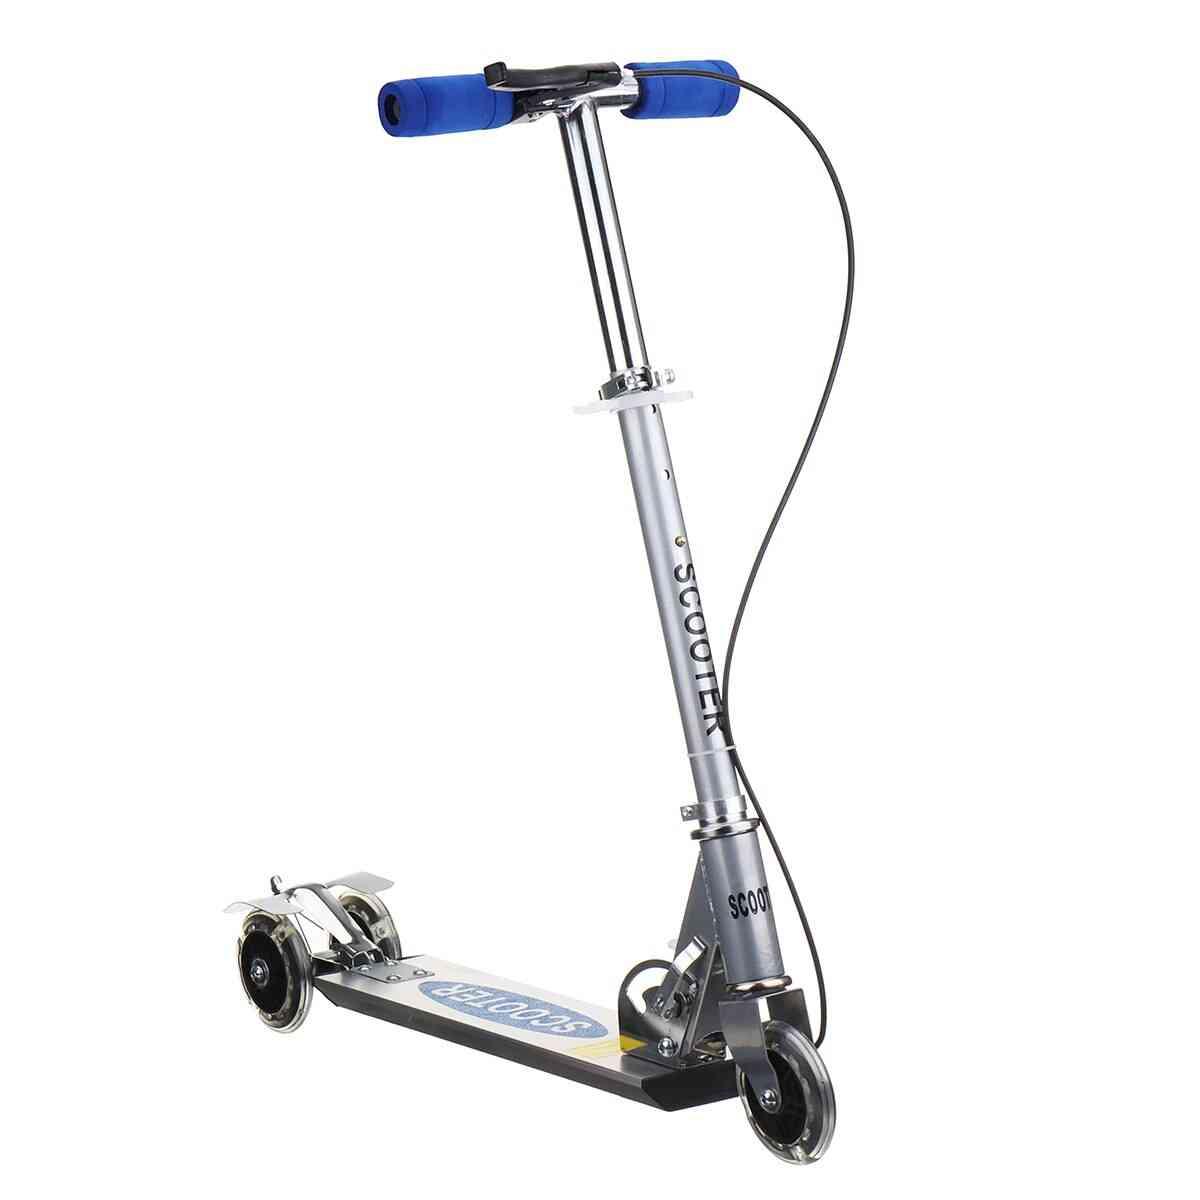 Adjustable Foot  Kids Unisex Kick Scooter 3 Wheel City Roller